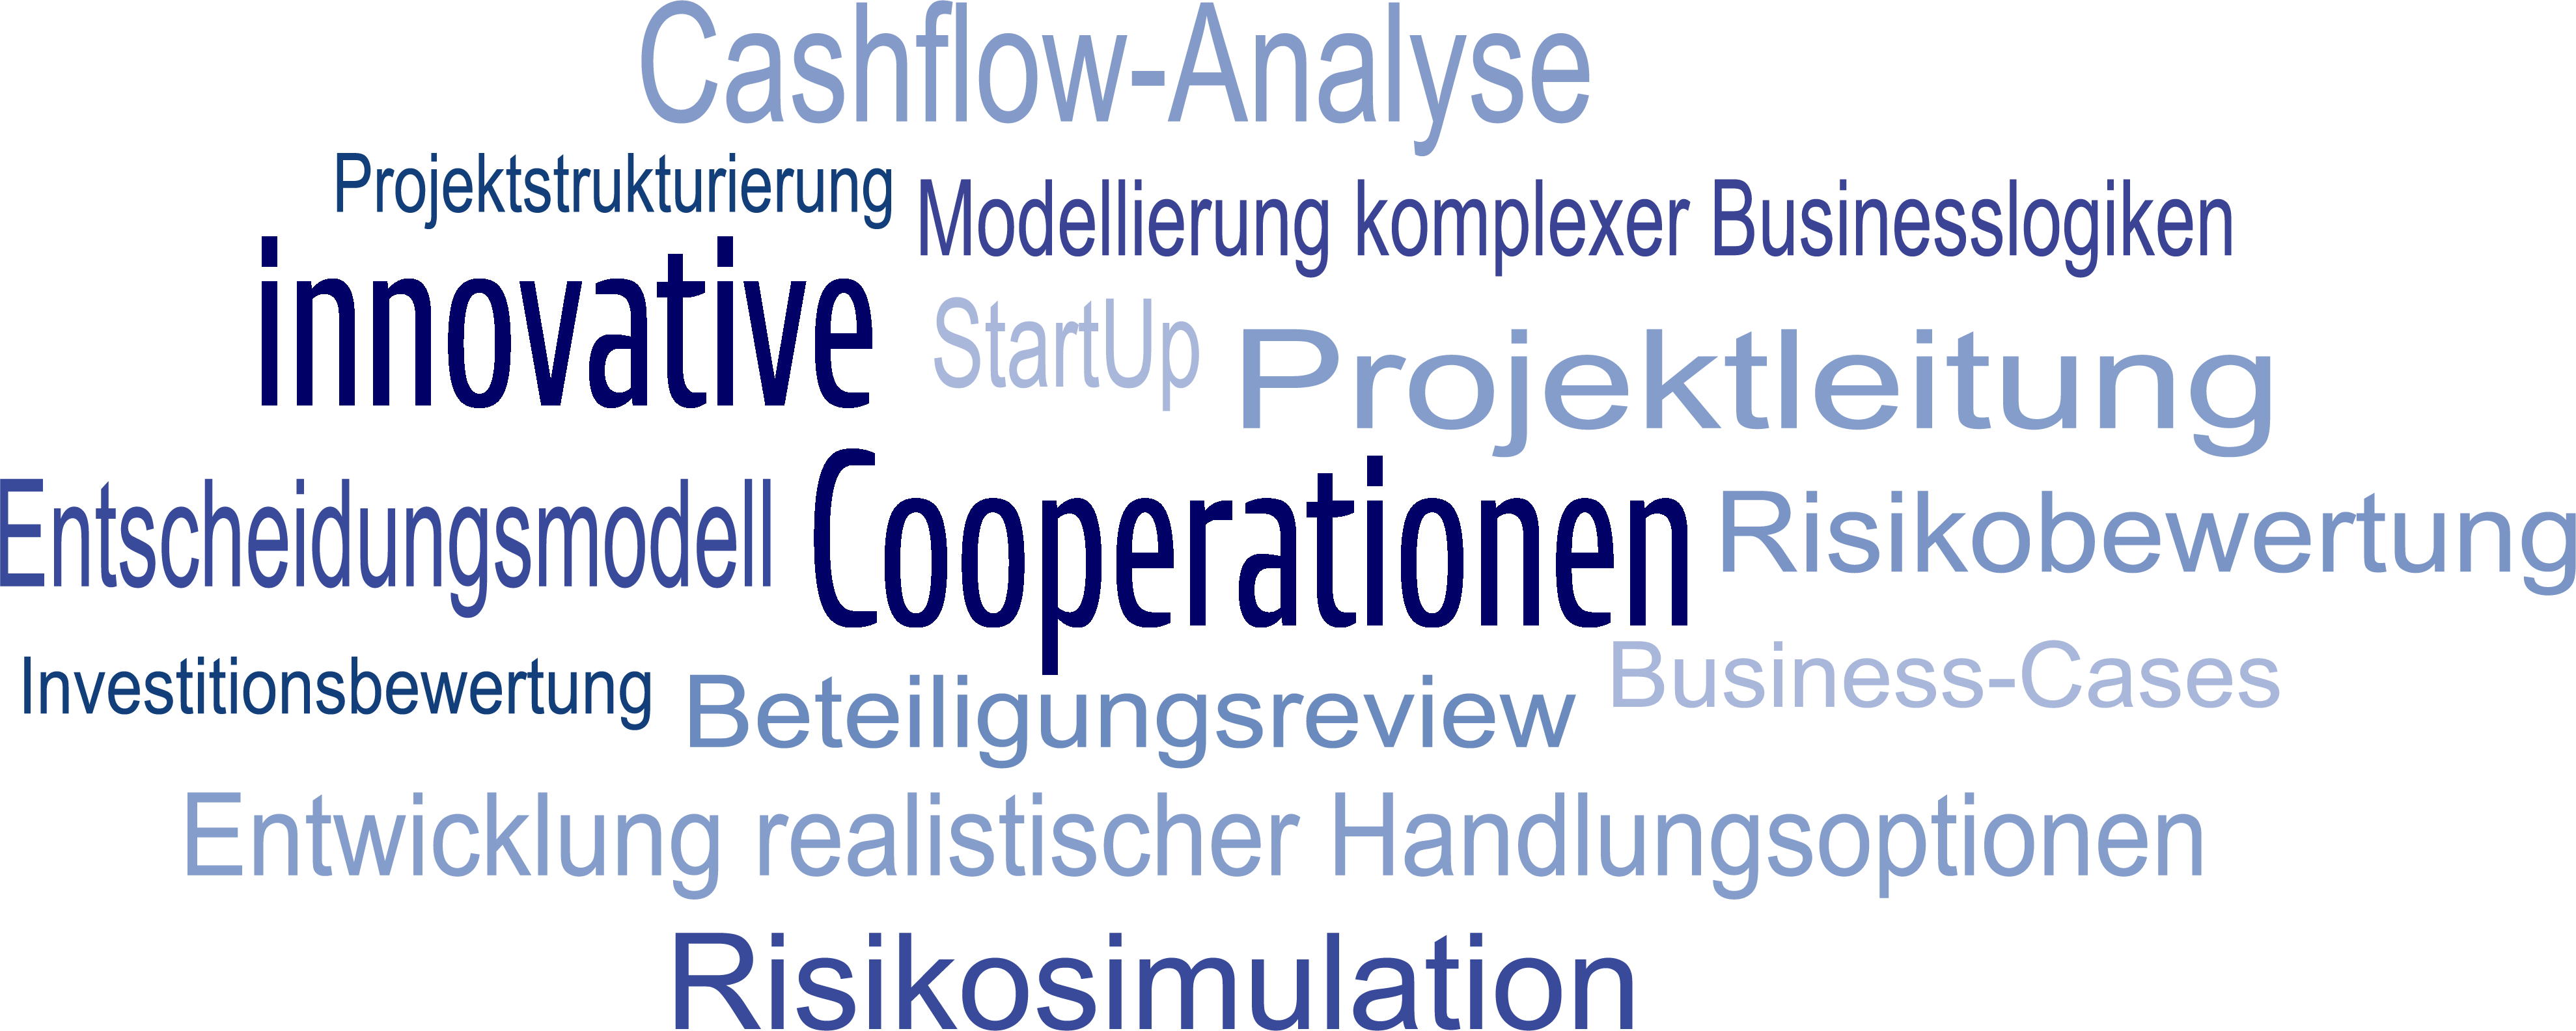 Wortwolke - innovative Cooperationen / Risikosimulation / Entscheidungsmodell / Projektleitung / Cashflow-Analyse